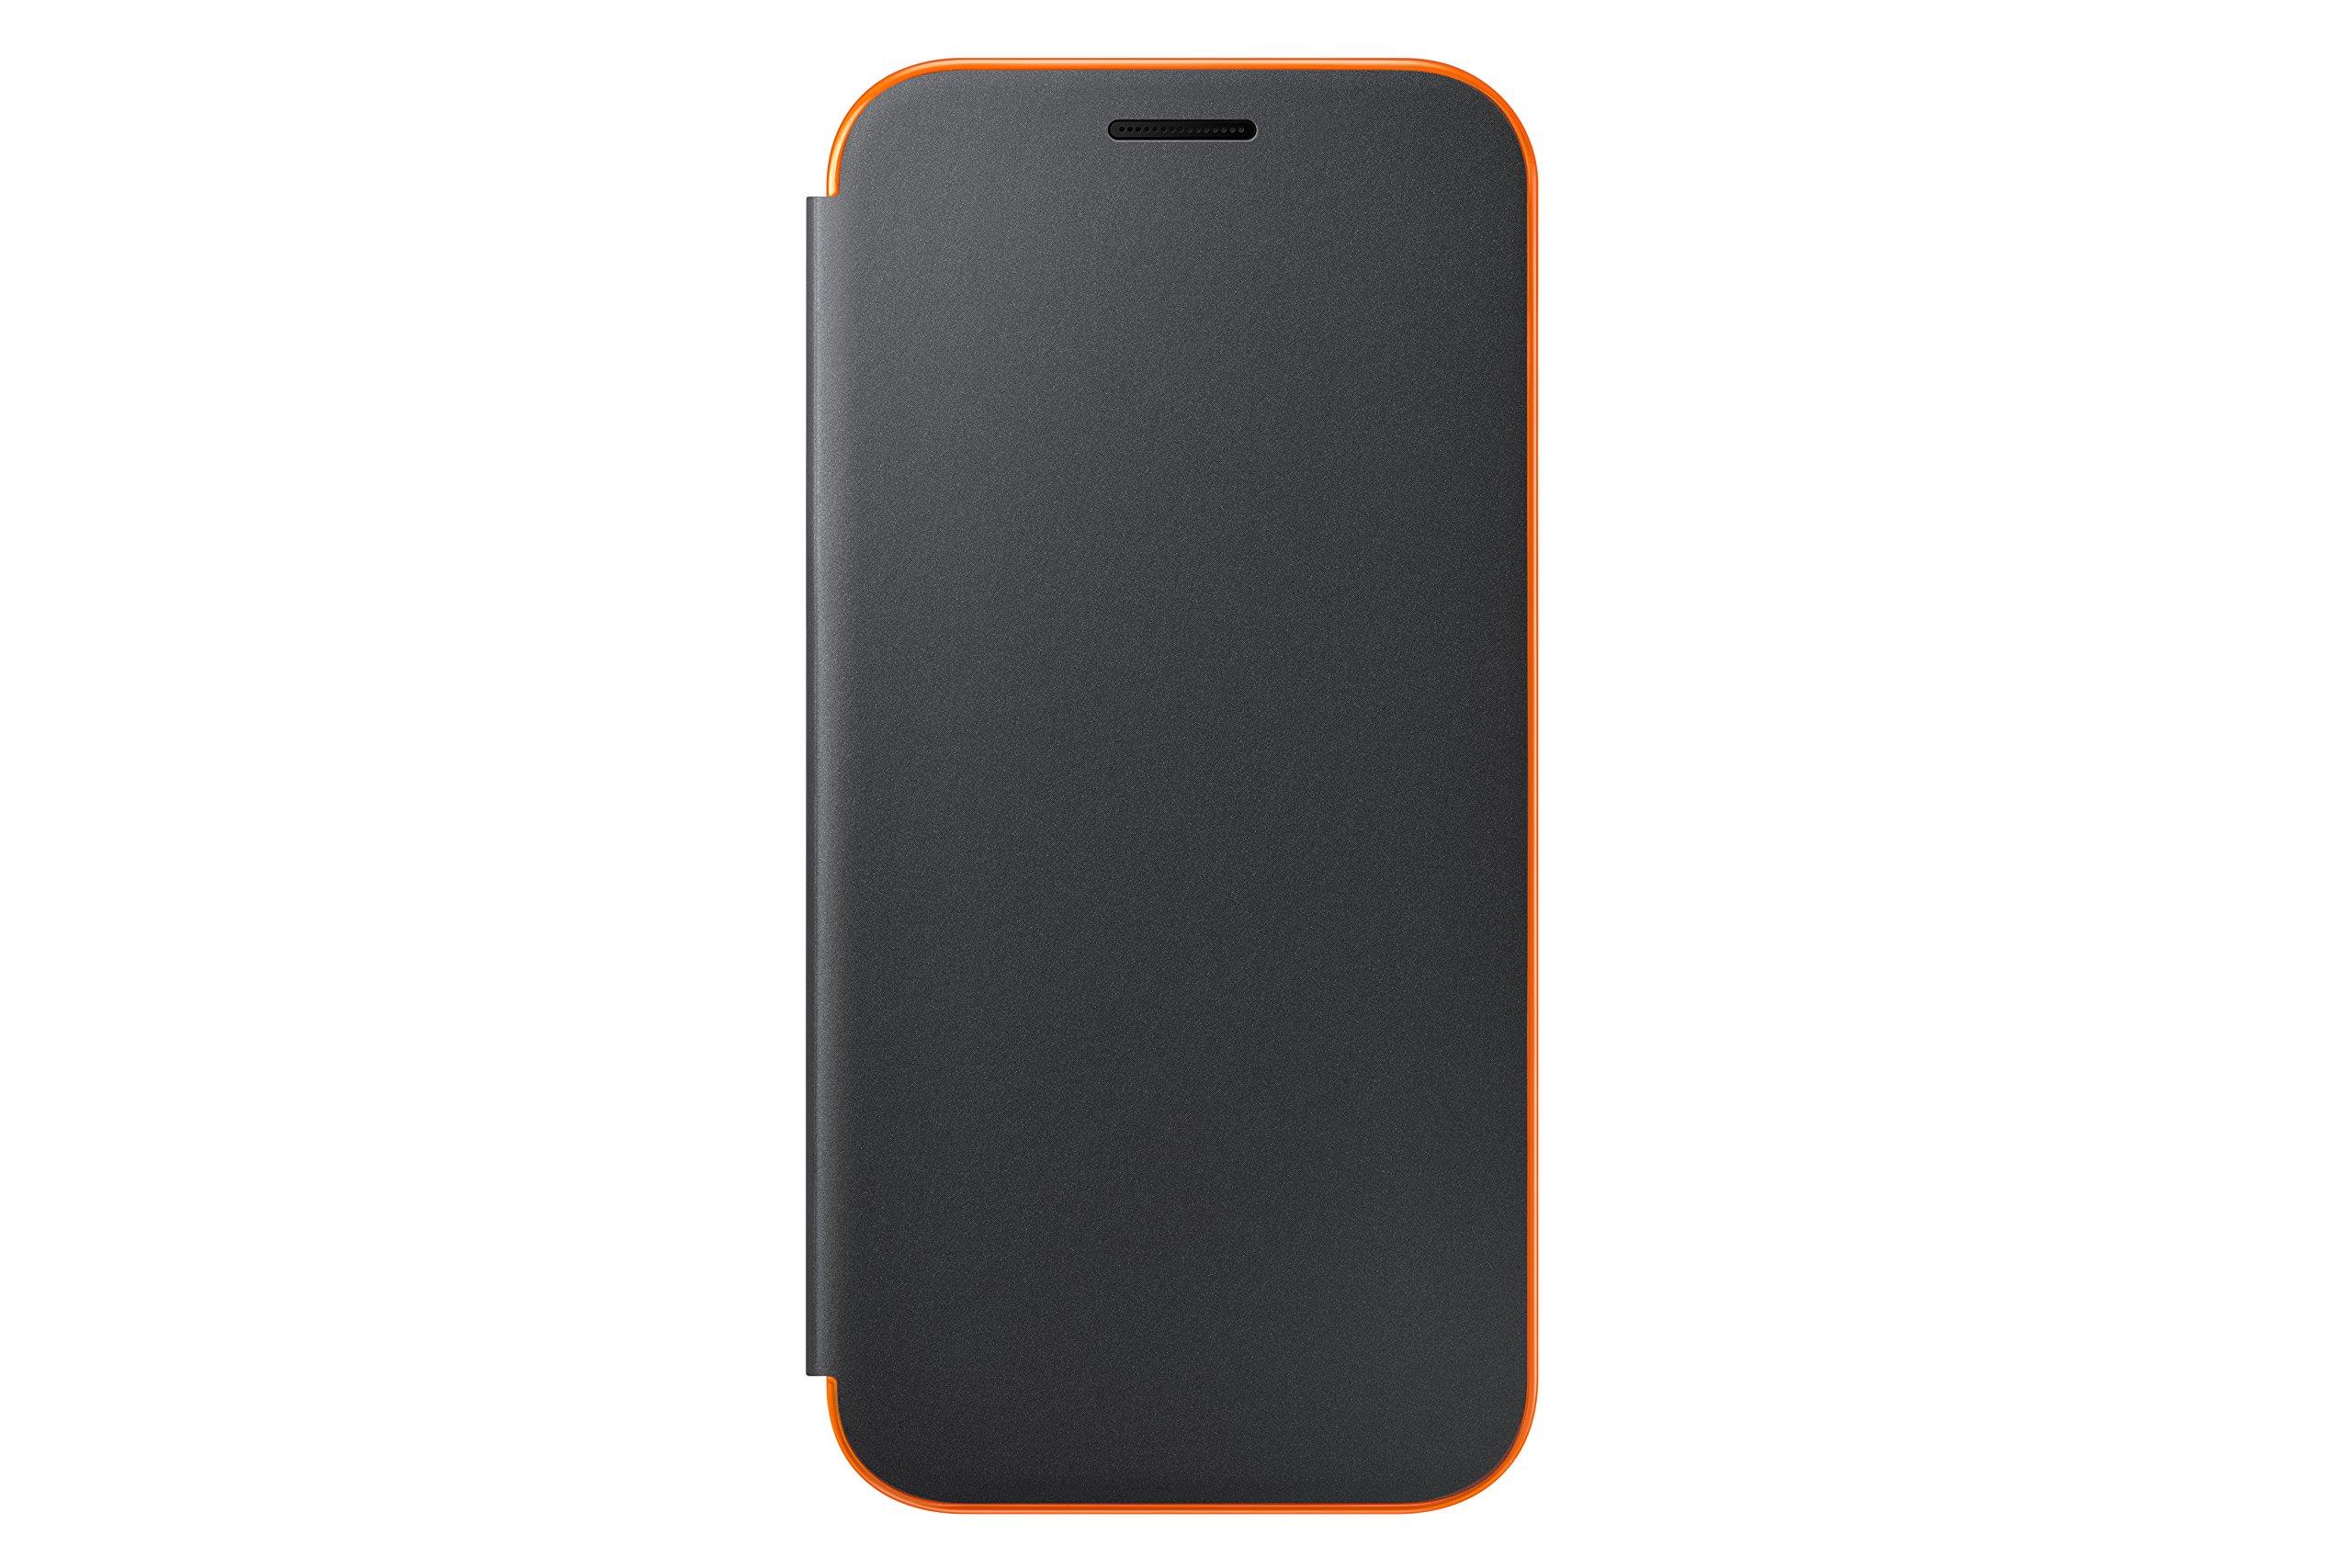 Original Official Samsung Galaxy A3 (2017) Neon Flip Cover Case - Black (EF-FA320PBEGWW)